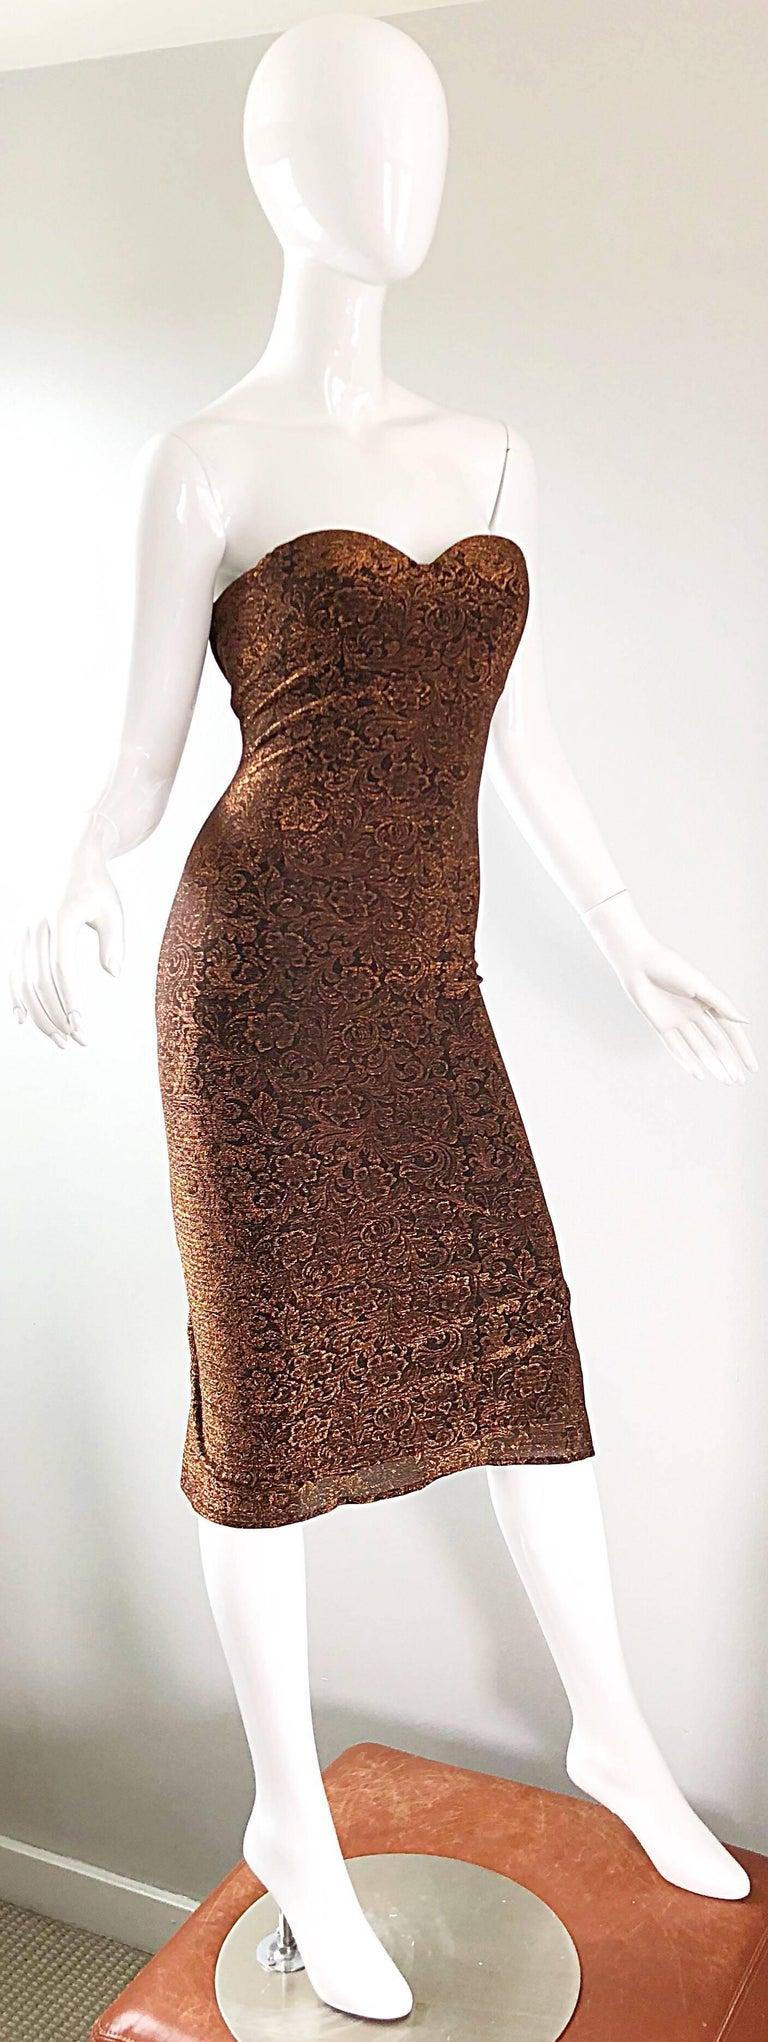 1990s Eletra Casadei Sexy Metallic Bronze / Gold Bodycon Convertible Strap Dress For Sale 11